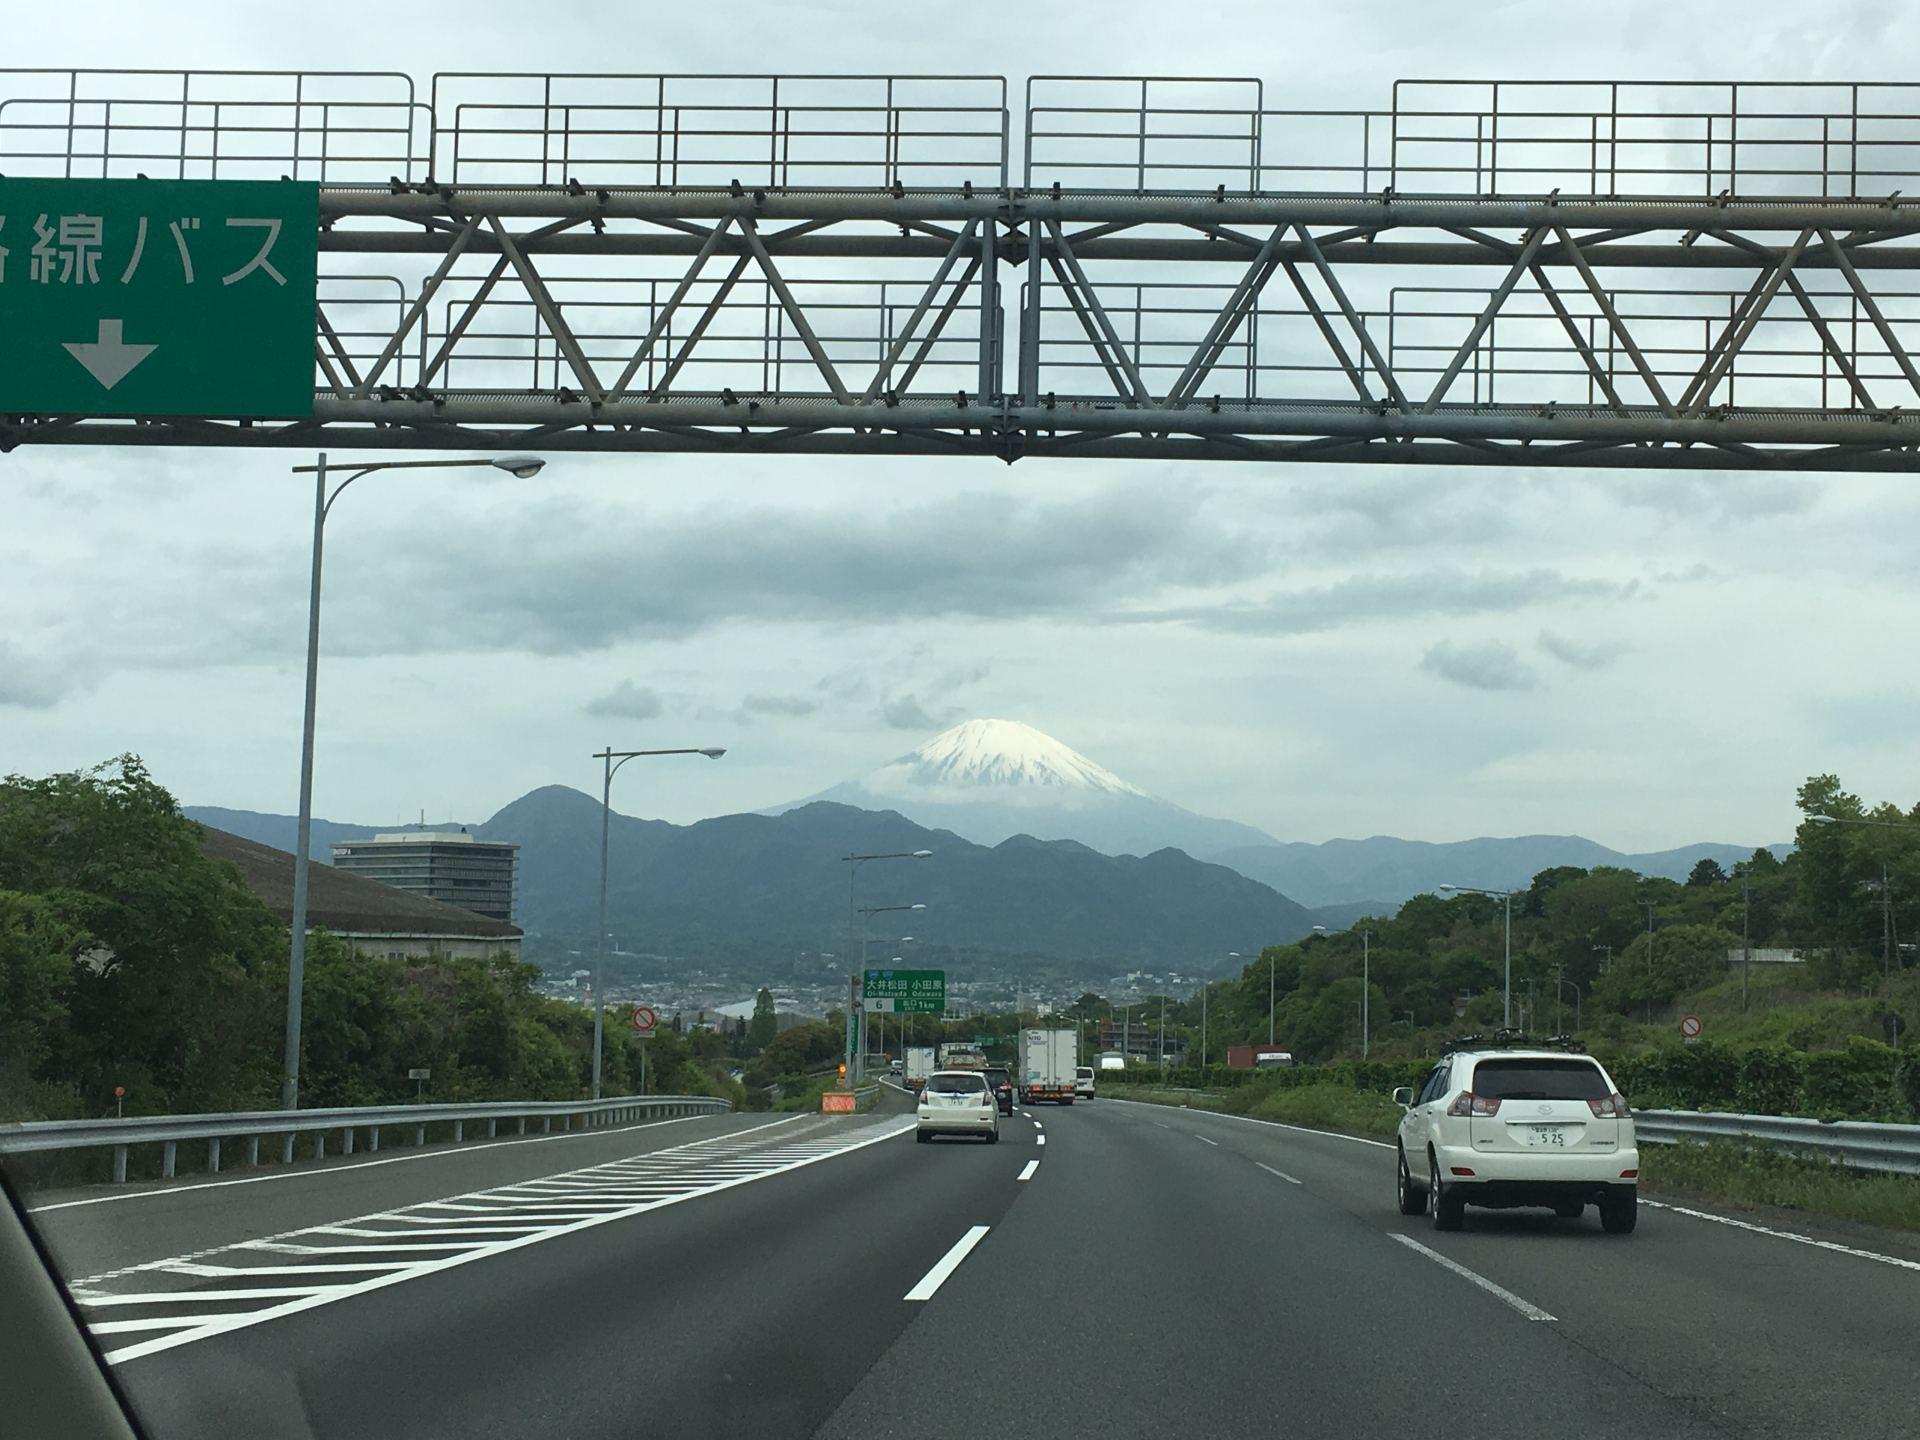 白雲間的冠雪富士